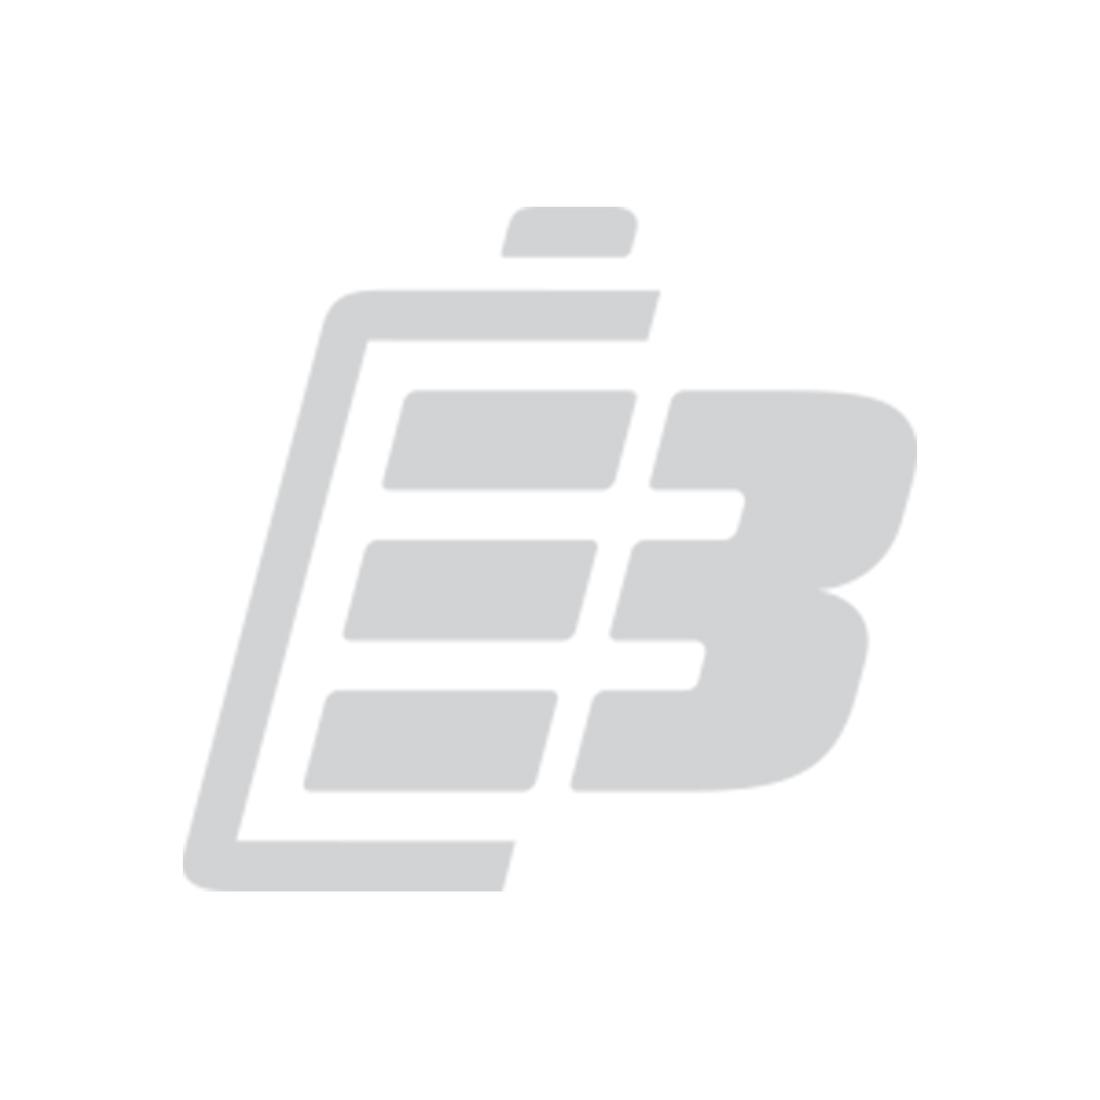 Choetech AB0011-BK USB-A to Type B Square 3m